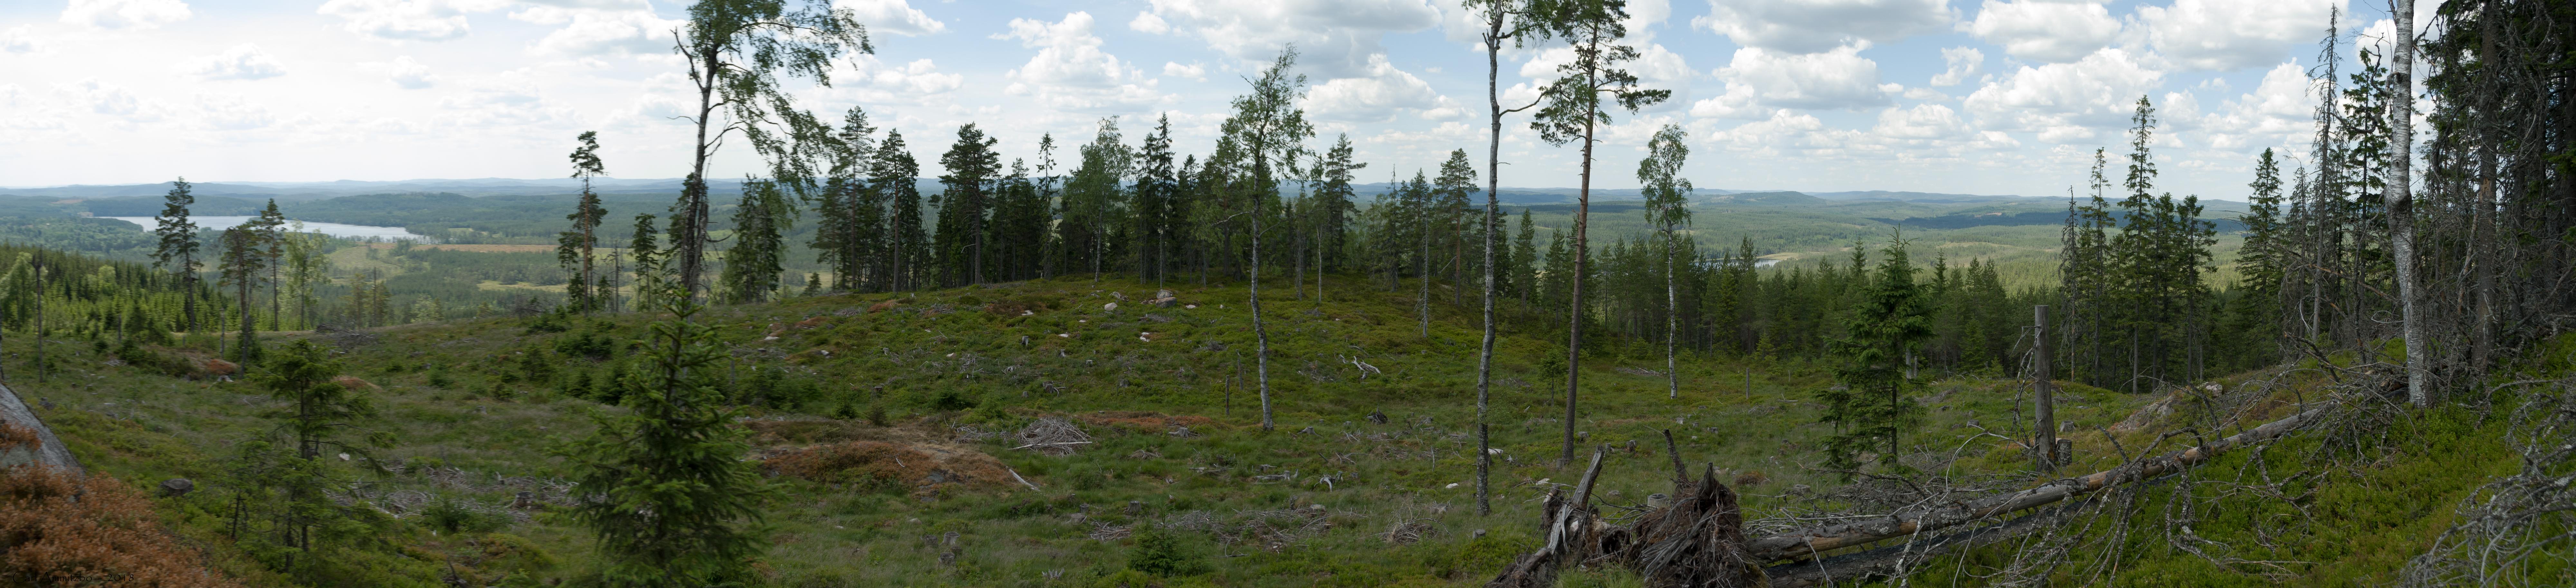 11 - 0609 - Udsigt mod vest - 01 - Bergslagen